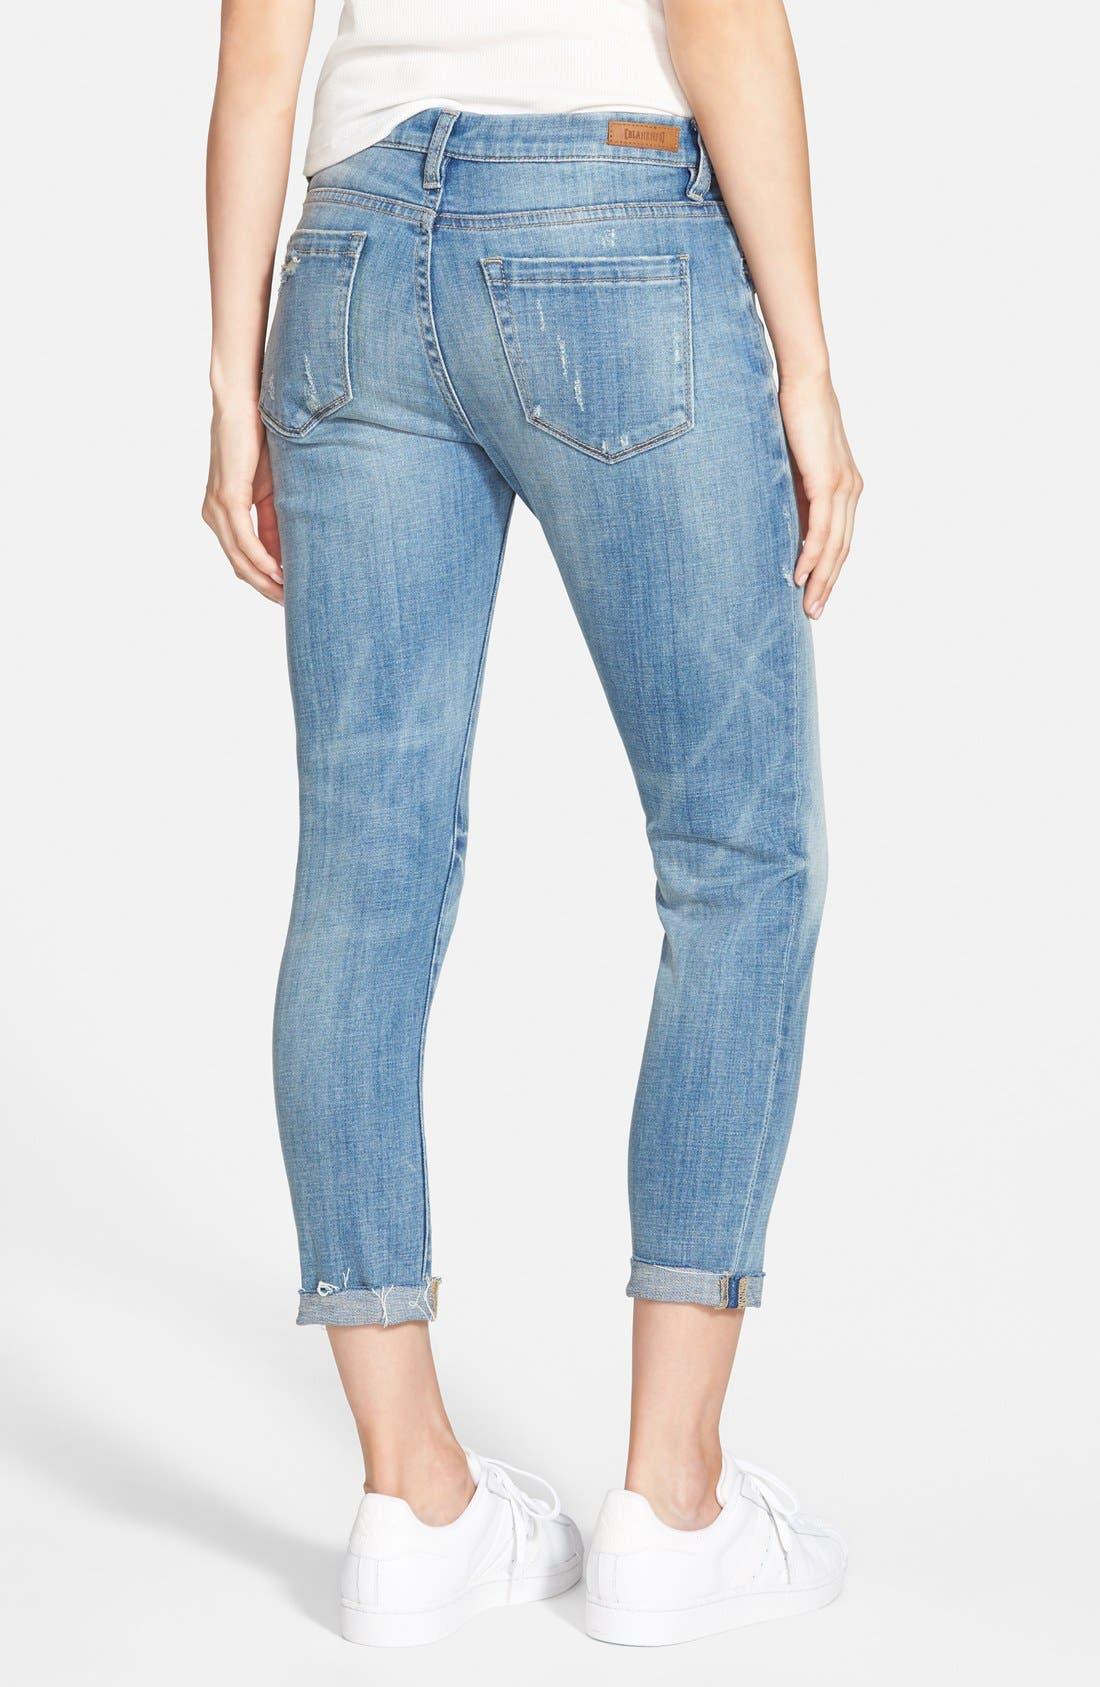 Alternate Image 2  - BLANKNYC 'Kale Yeah' Distressed Skinny Jeans (Medium)